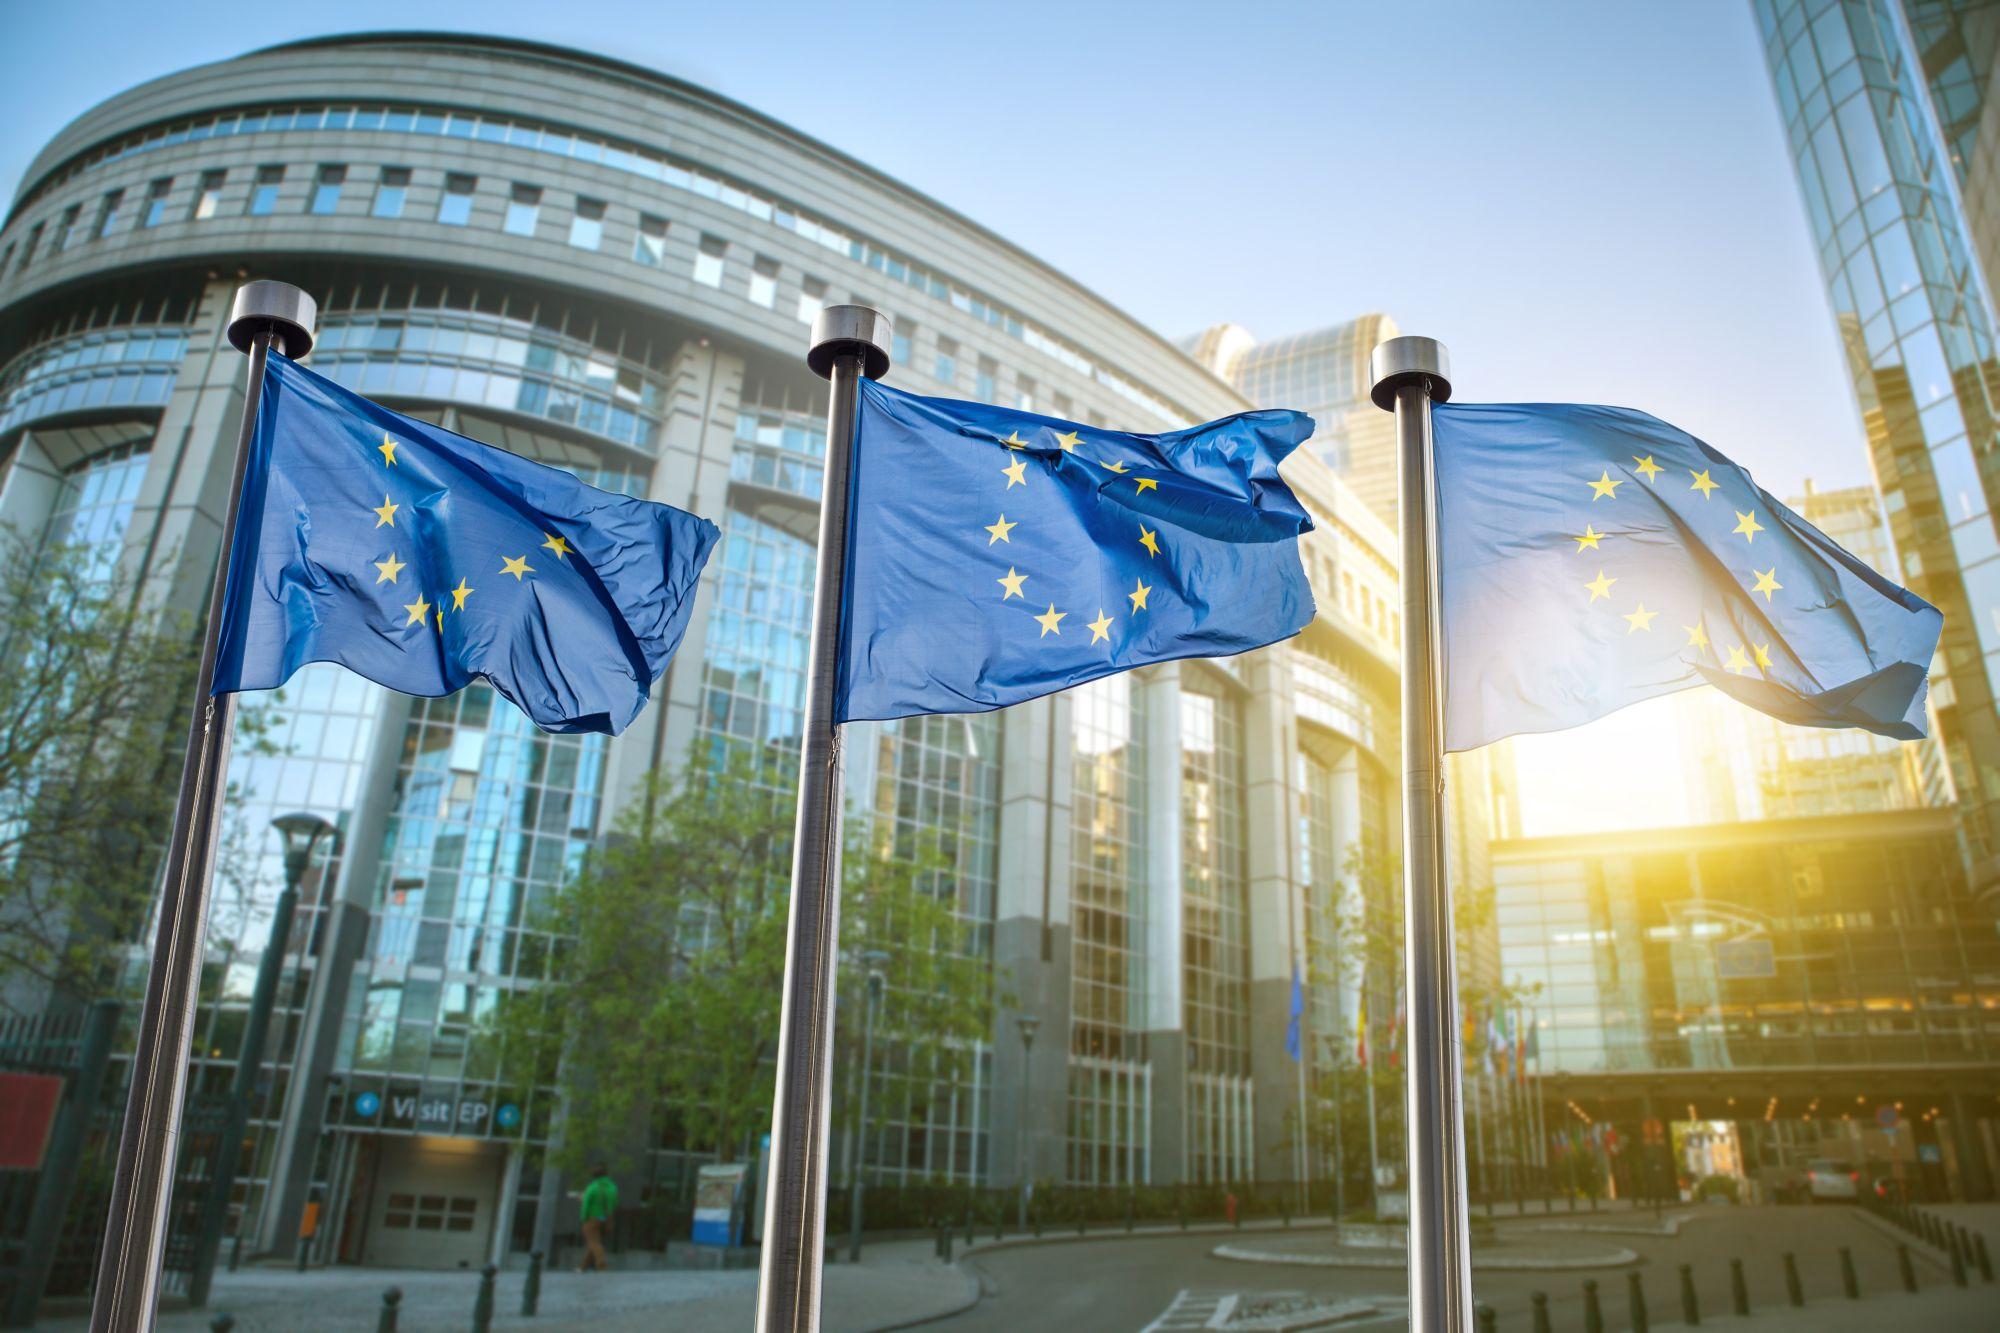 European union flag against parliament in Brussels, Belgium